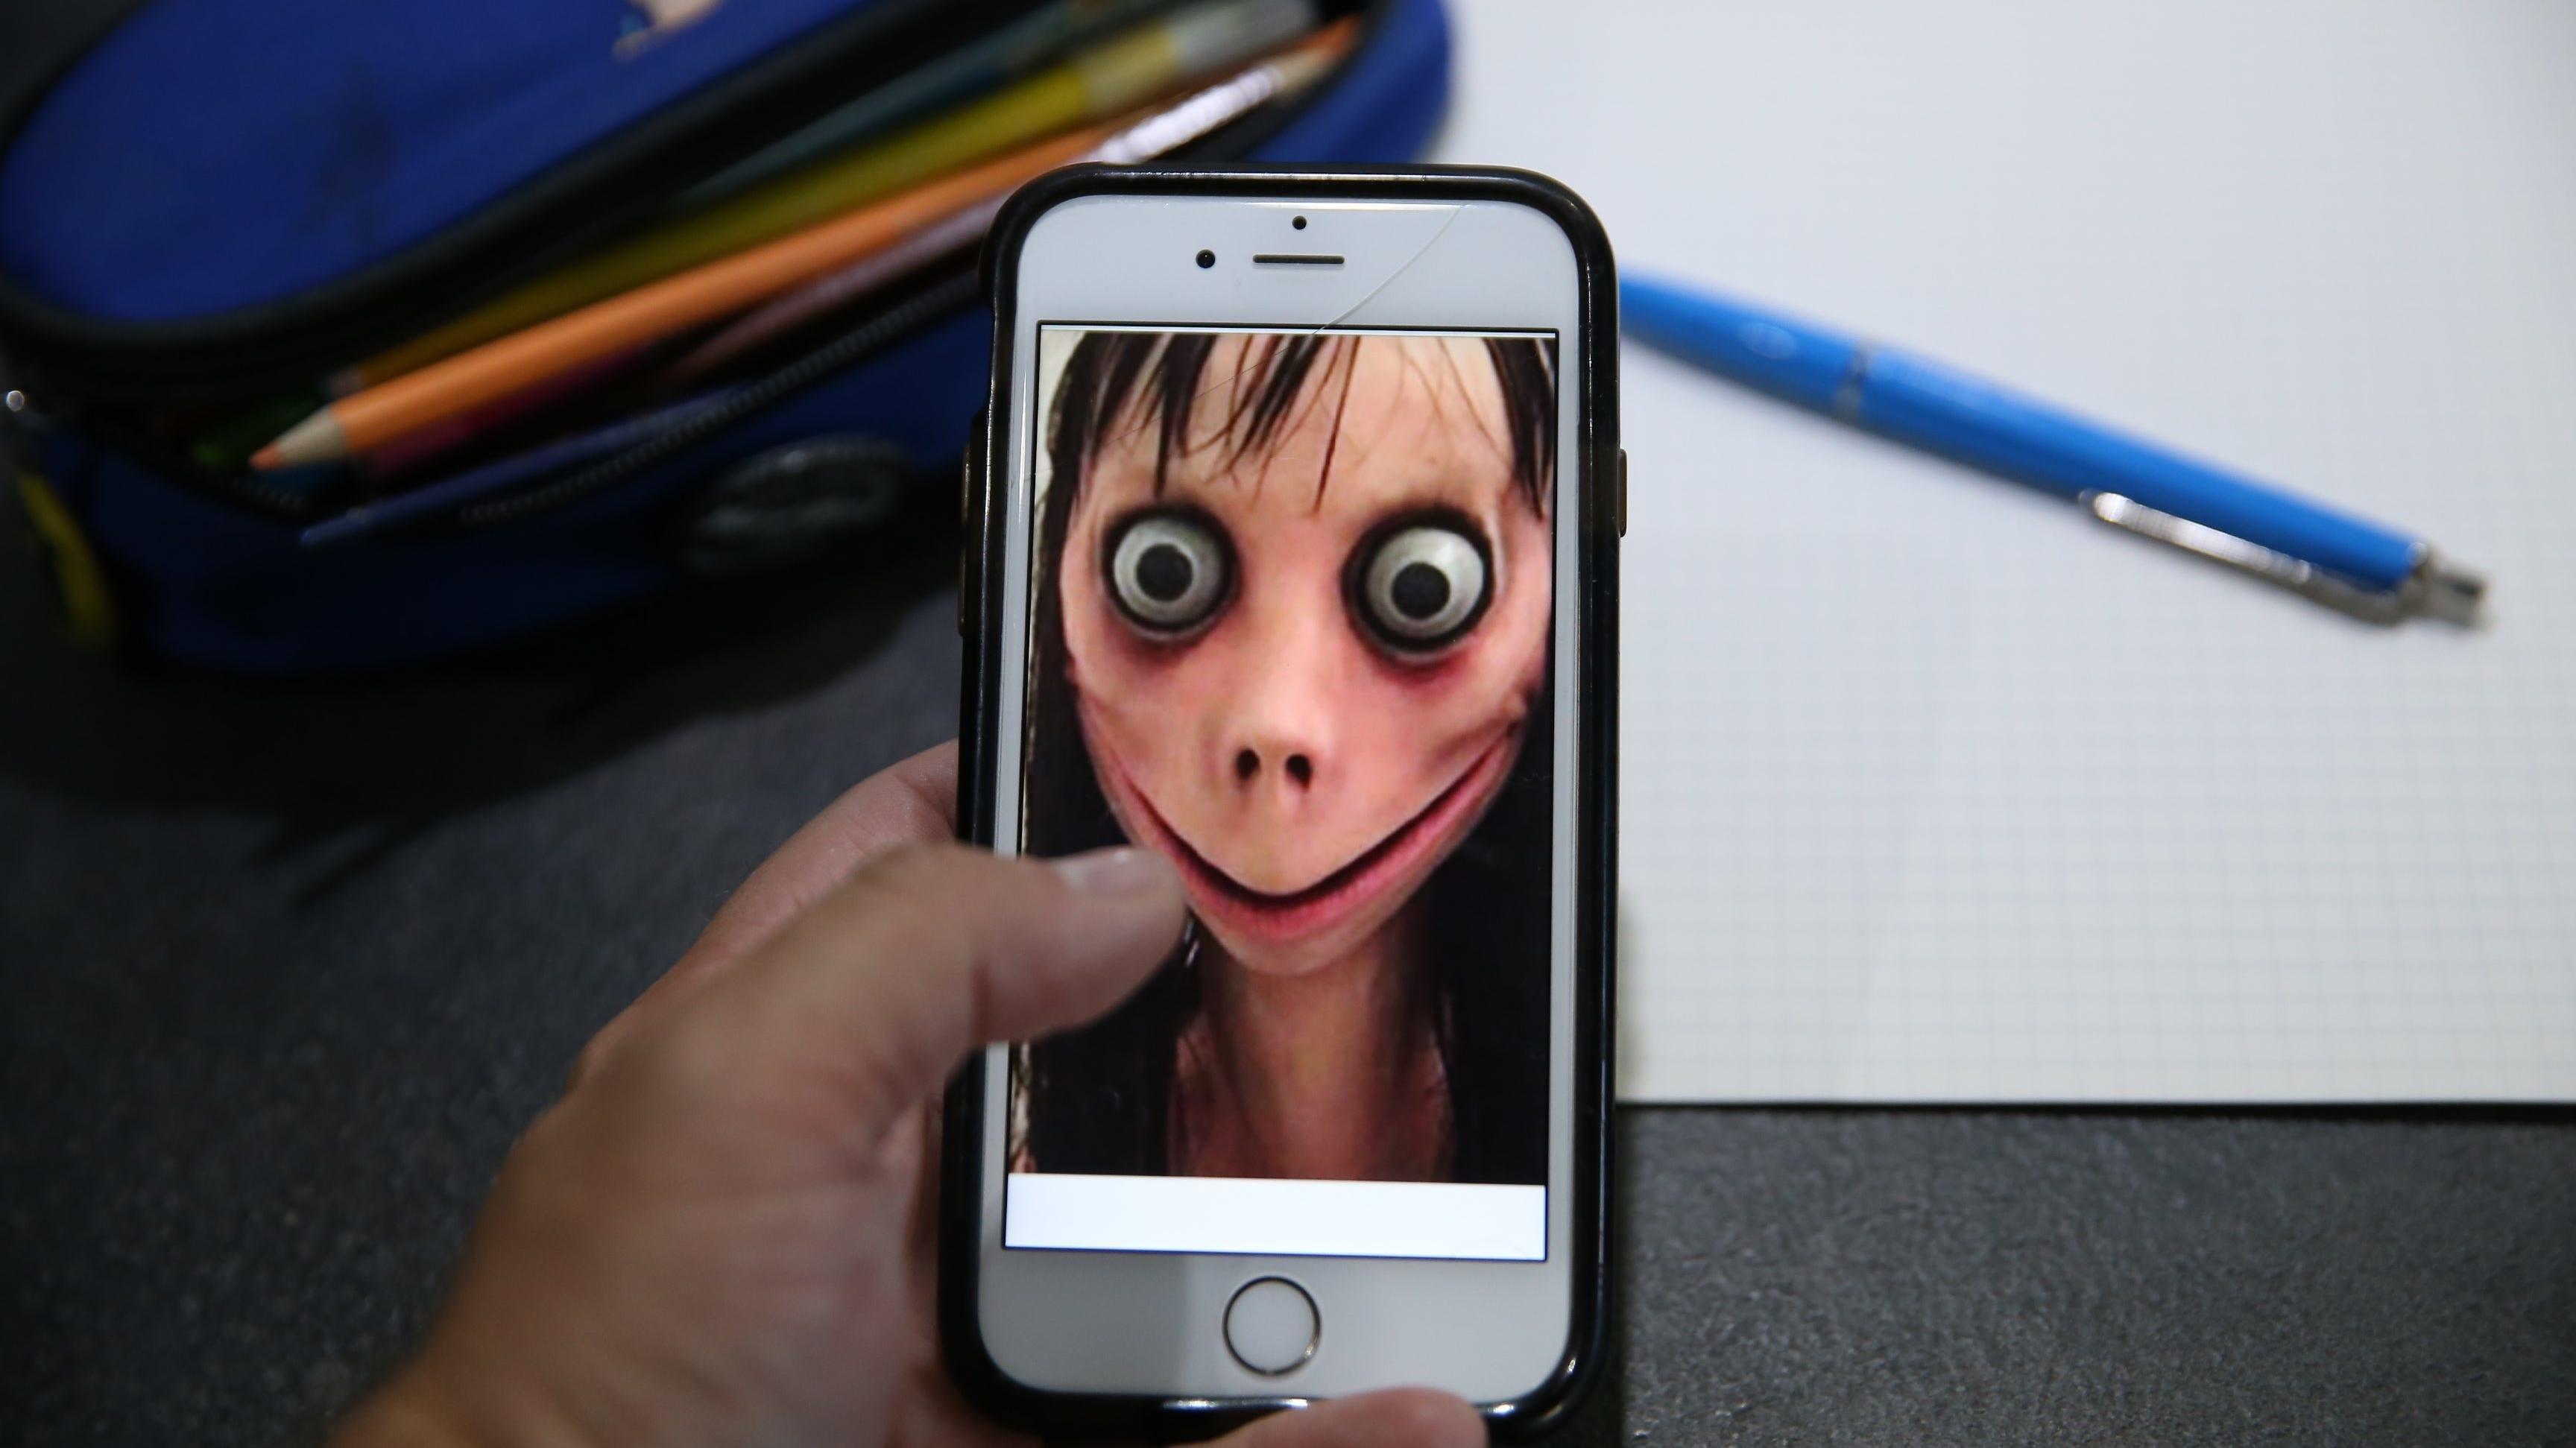 Handy mit Momo-Gesicht vor Federmäppchen